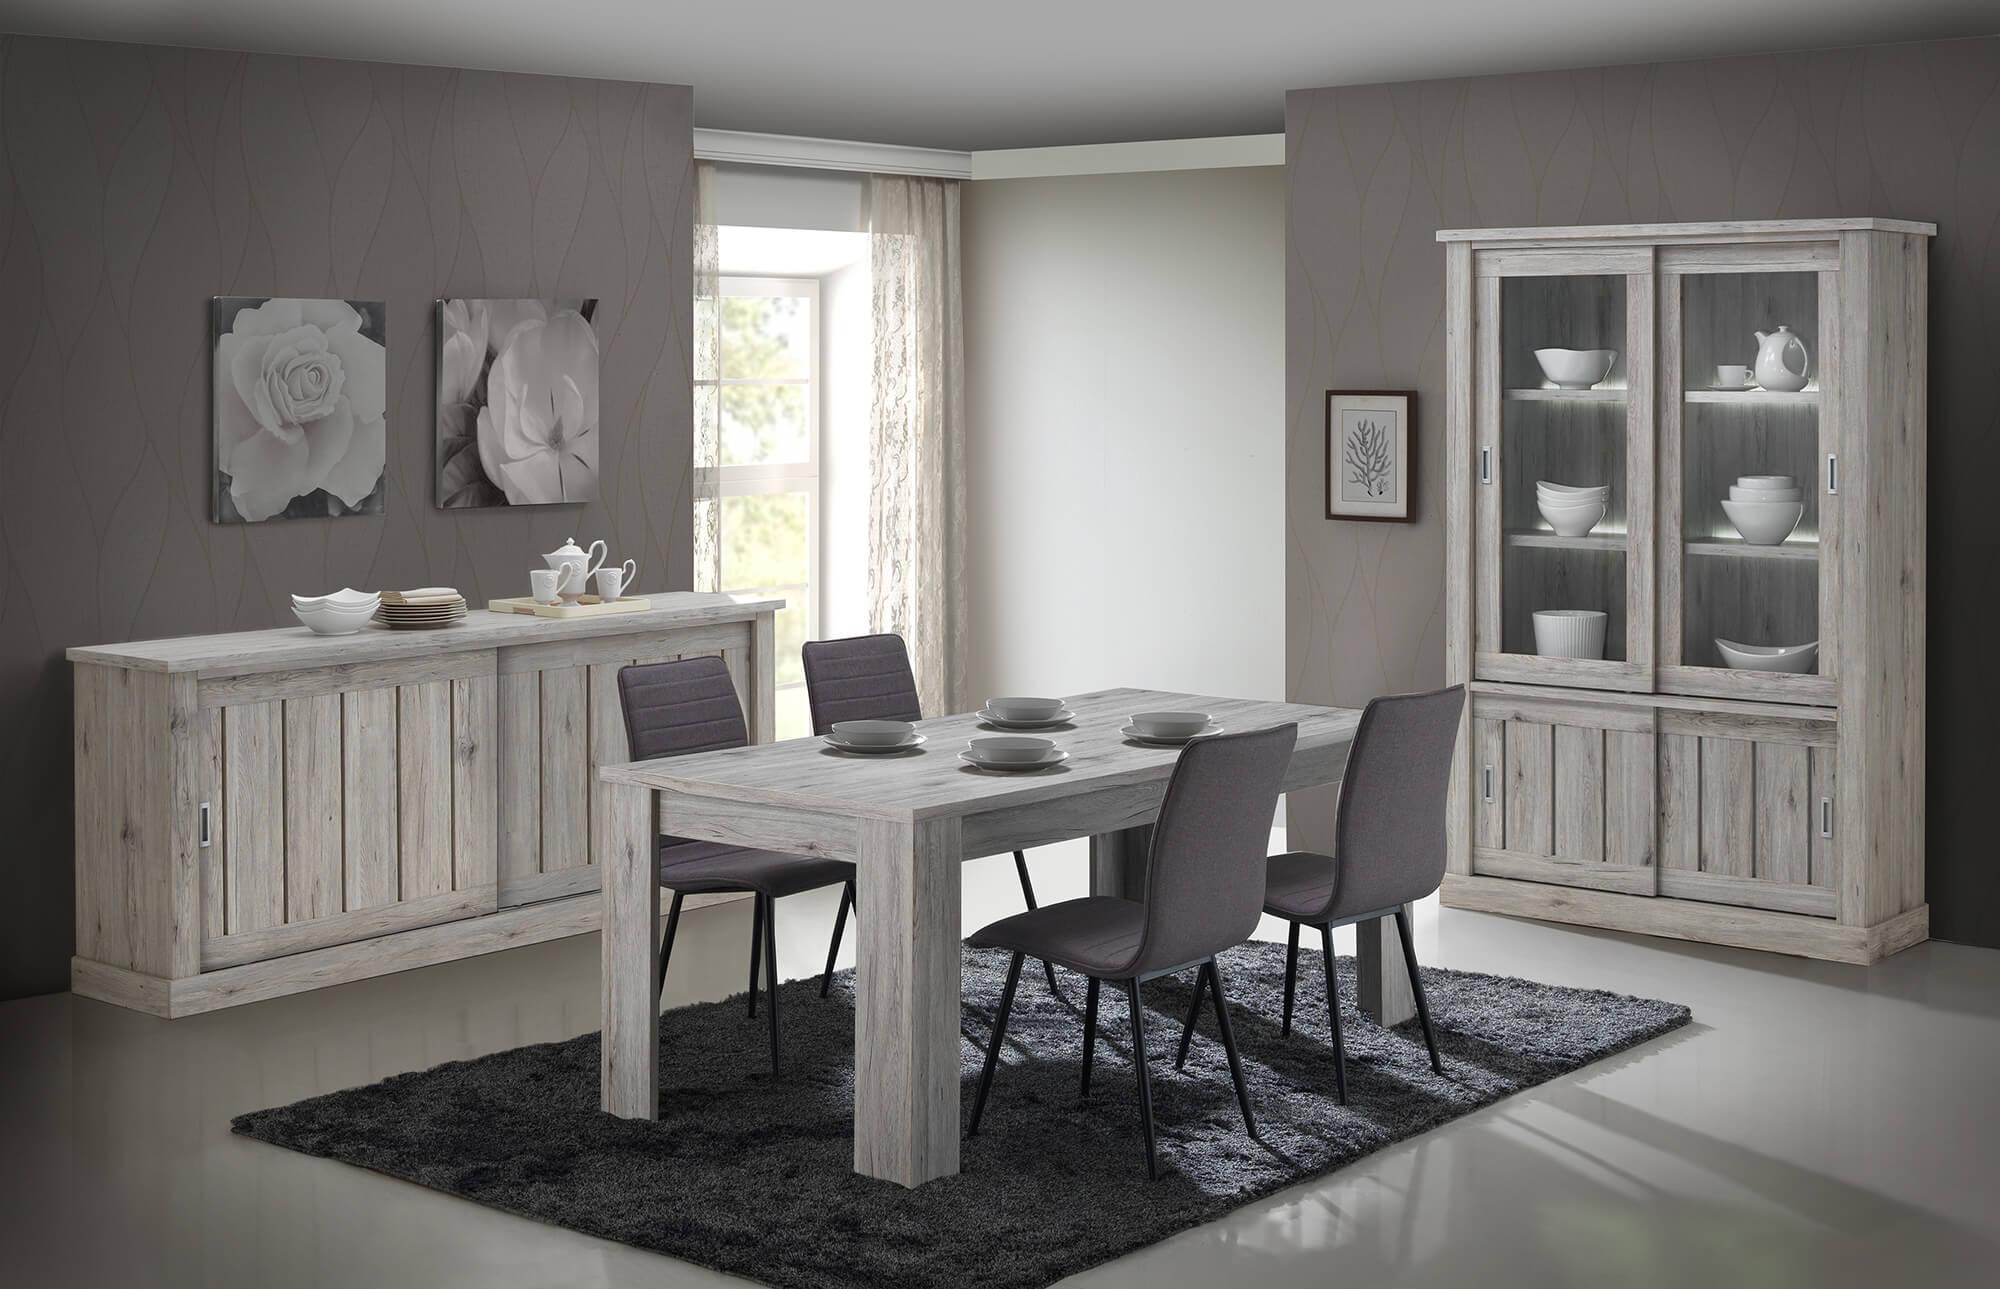 Eetkamer Frida, tafel + dressoir + vitrine + 4 stoelen